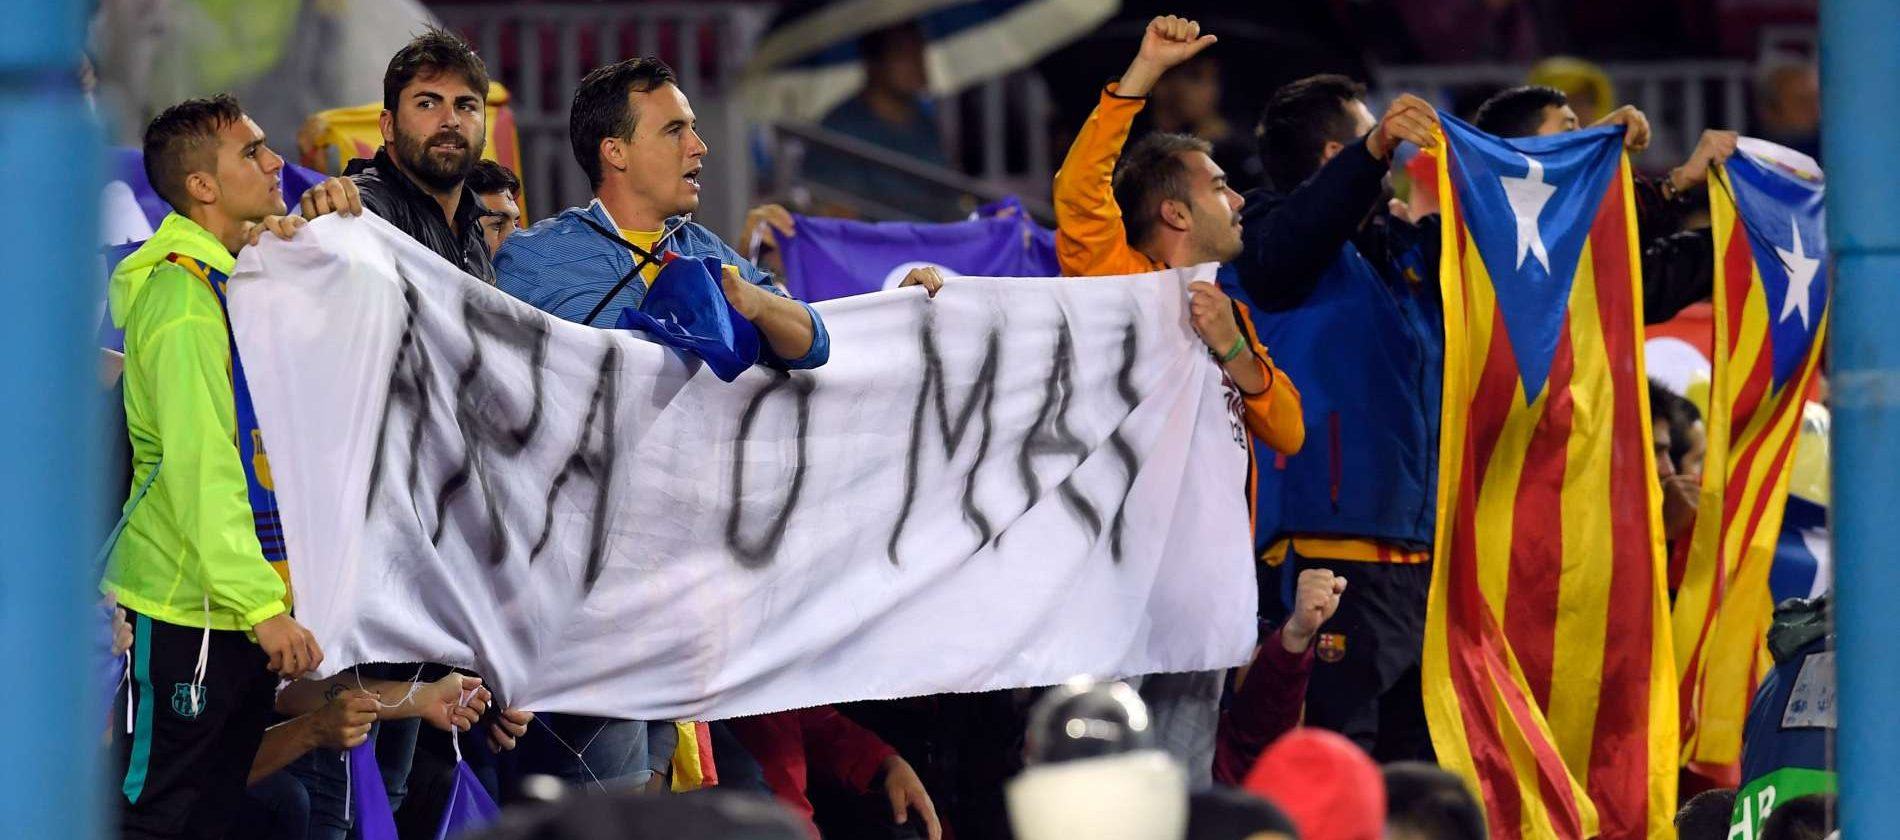 """""""Jetzt oder nie"""" forderten Mittwochabend Separatisten beim Champions-League-Match des FC Barcelona gegen Olympiacos in der katalanischen Hauptstadt die Anspaltung."""